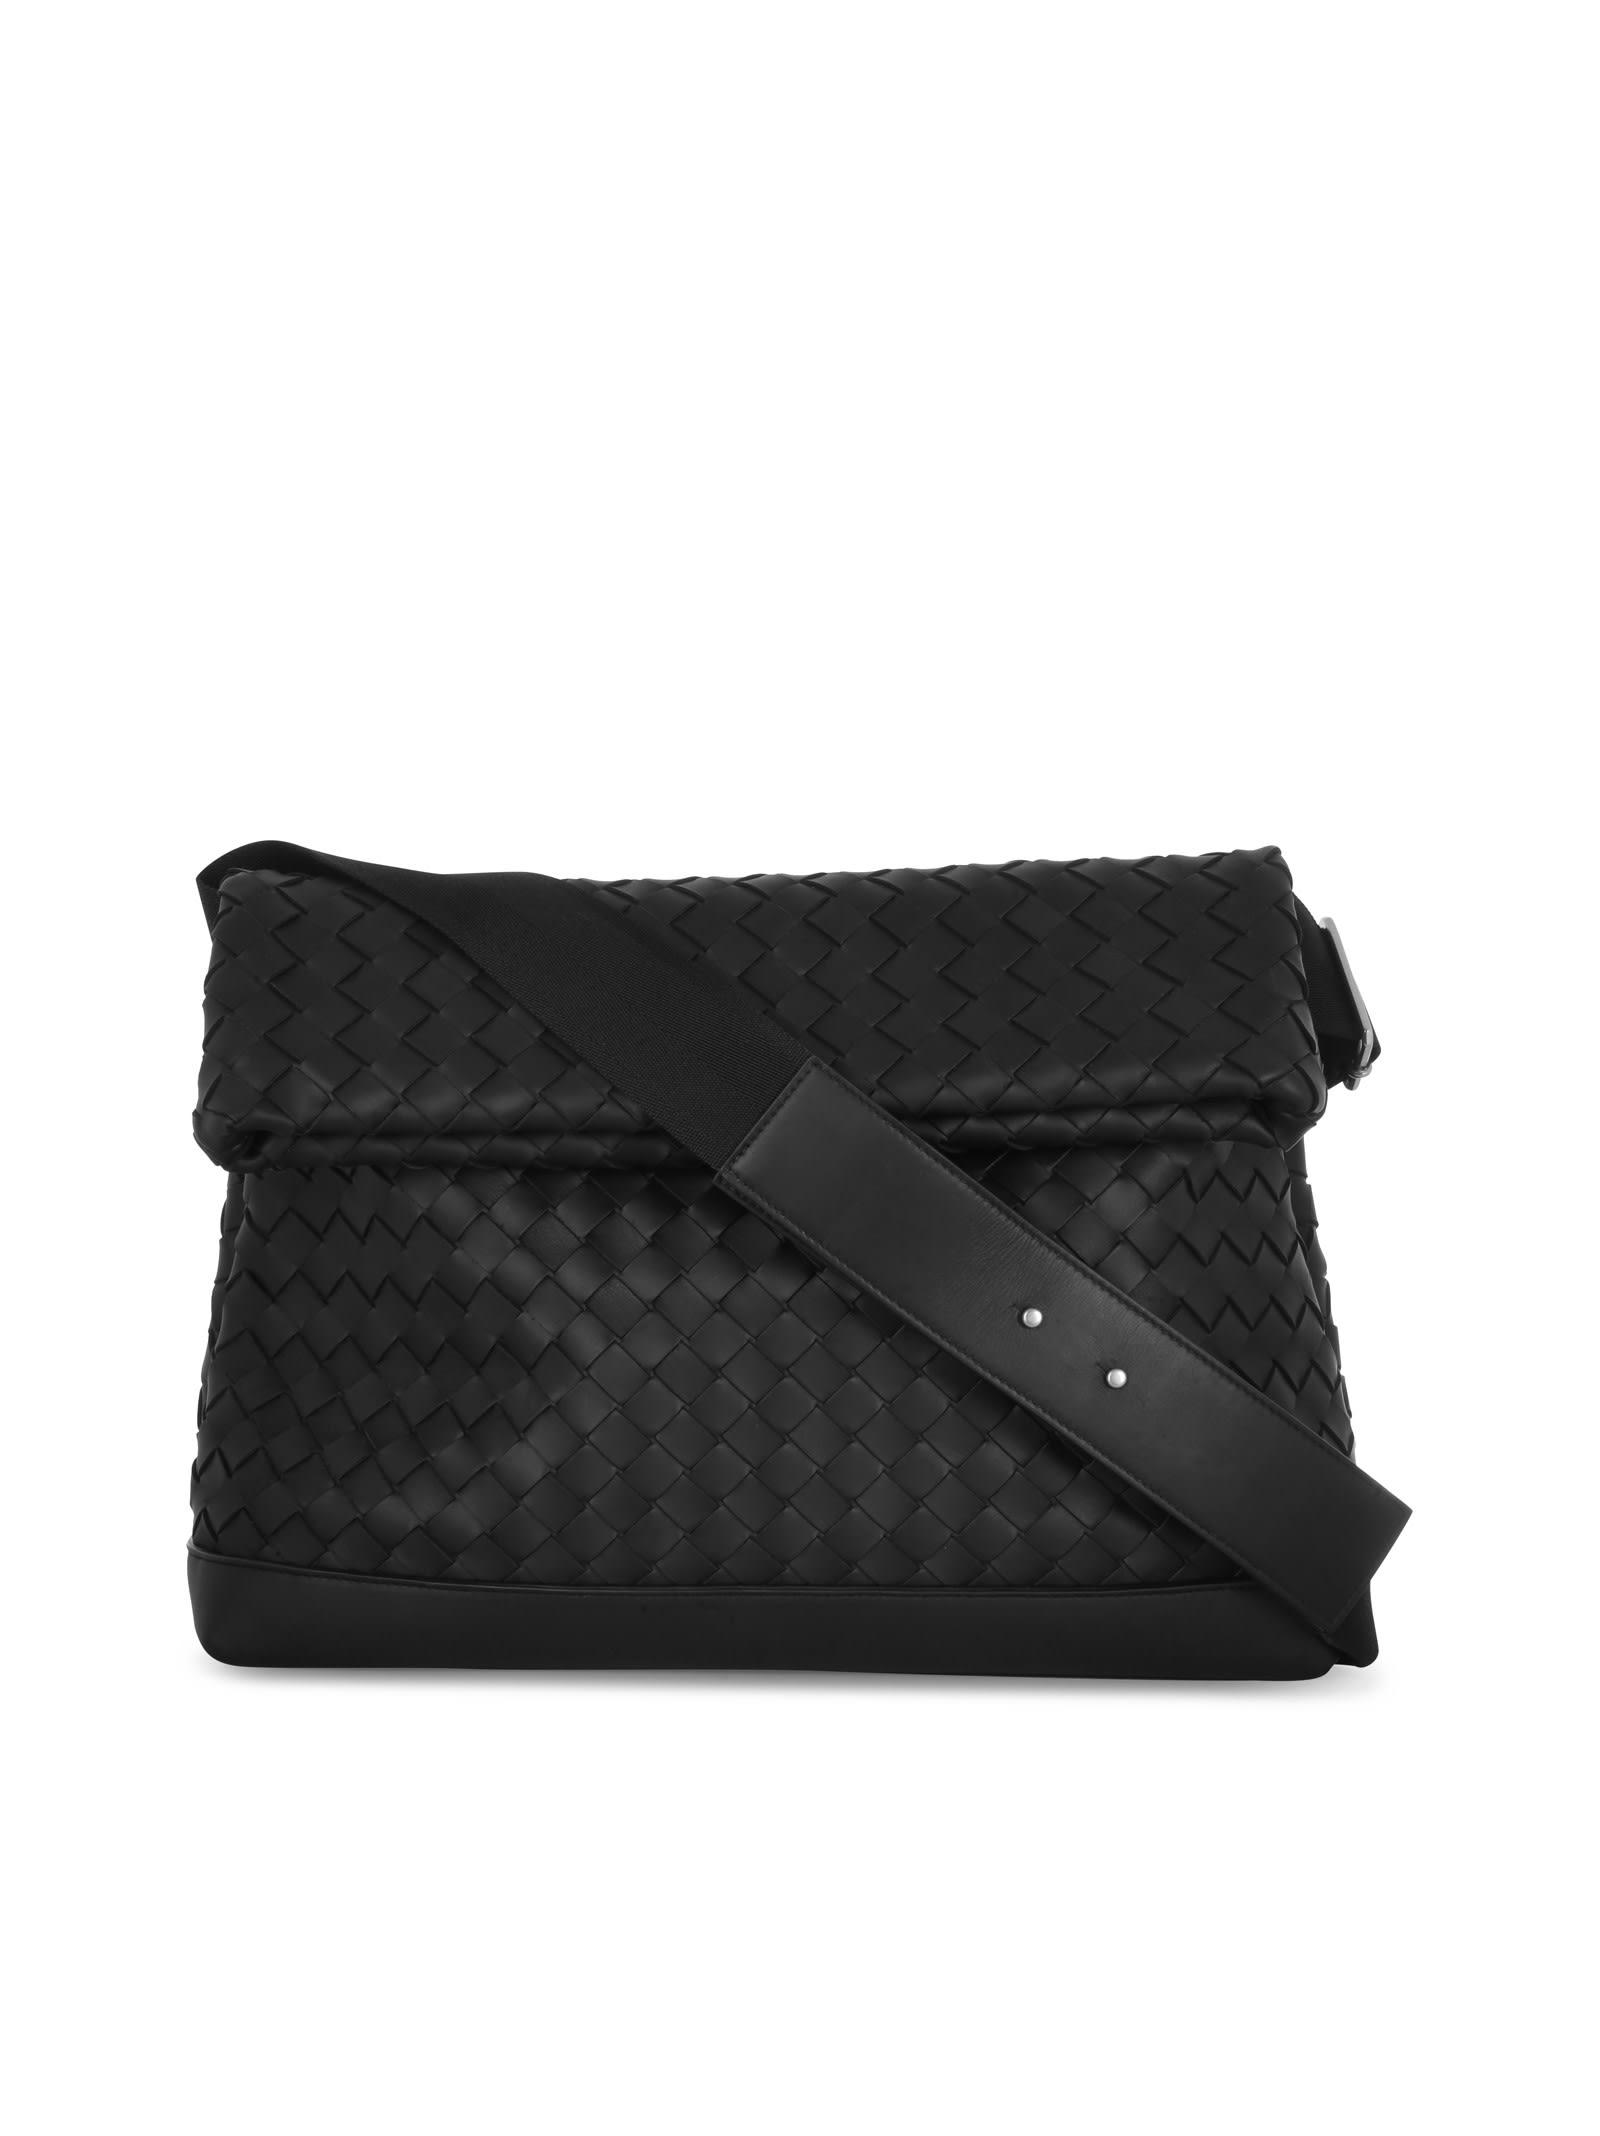 Bottega Veneta Braided 15 Bag In Black Silver